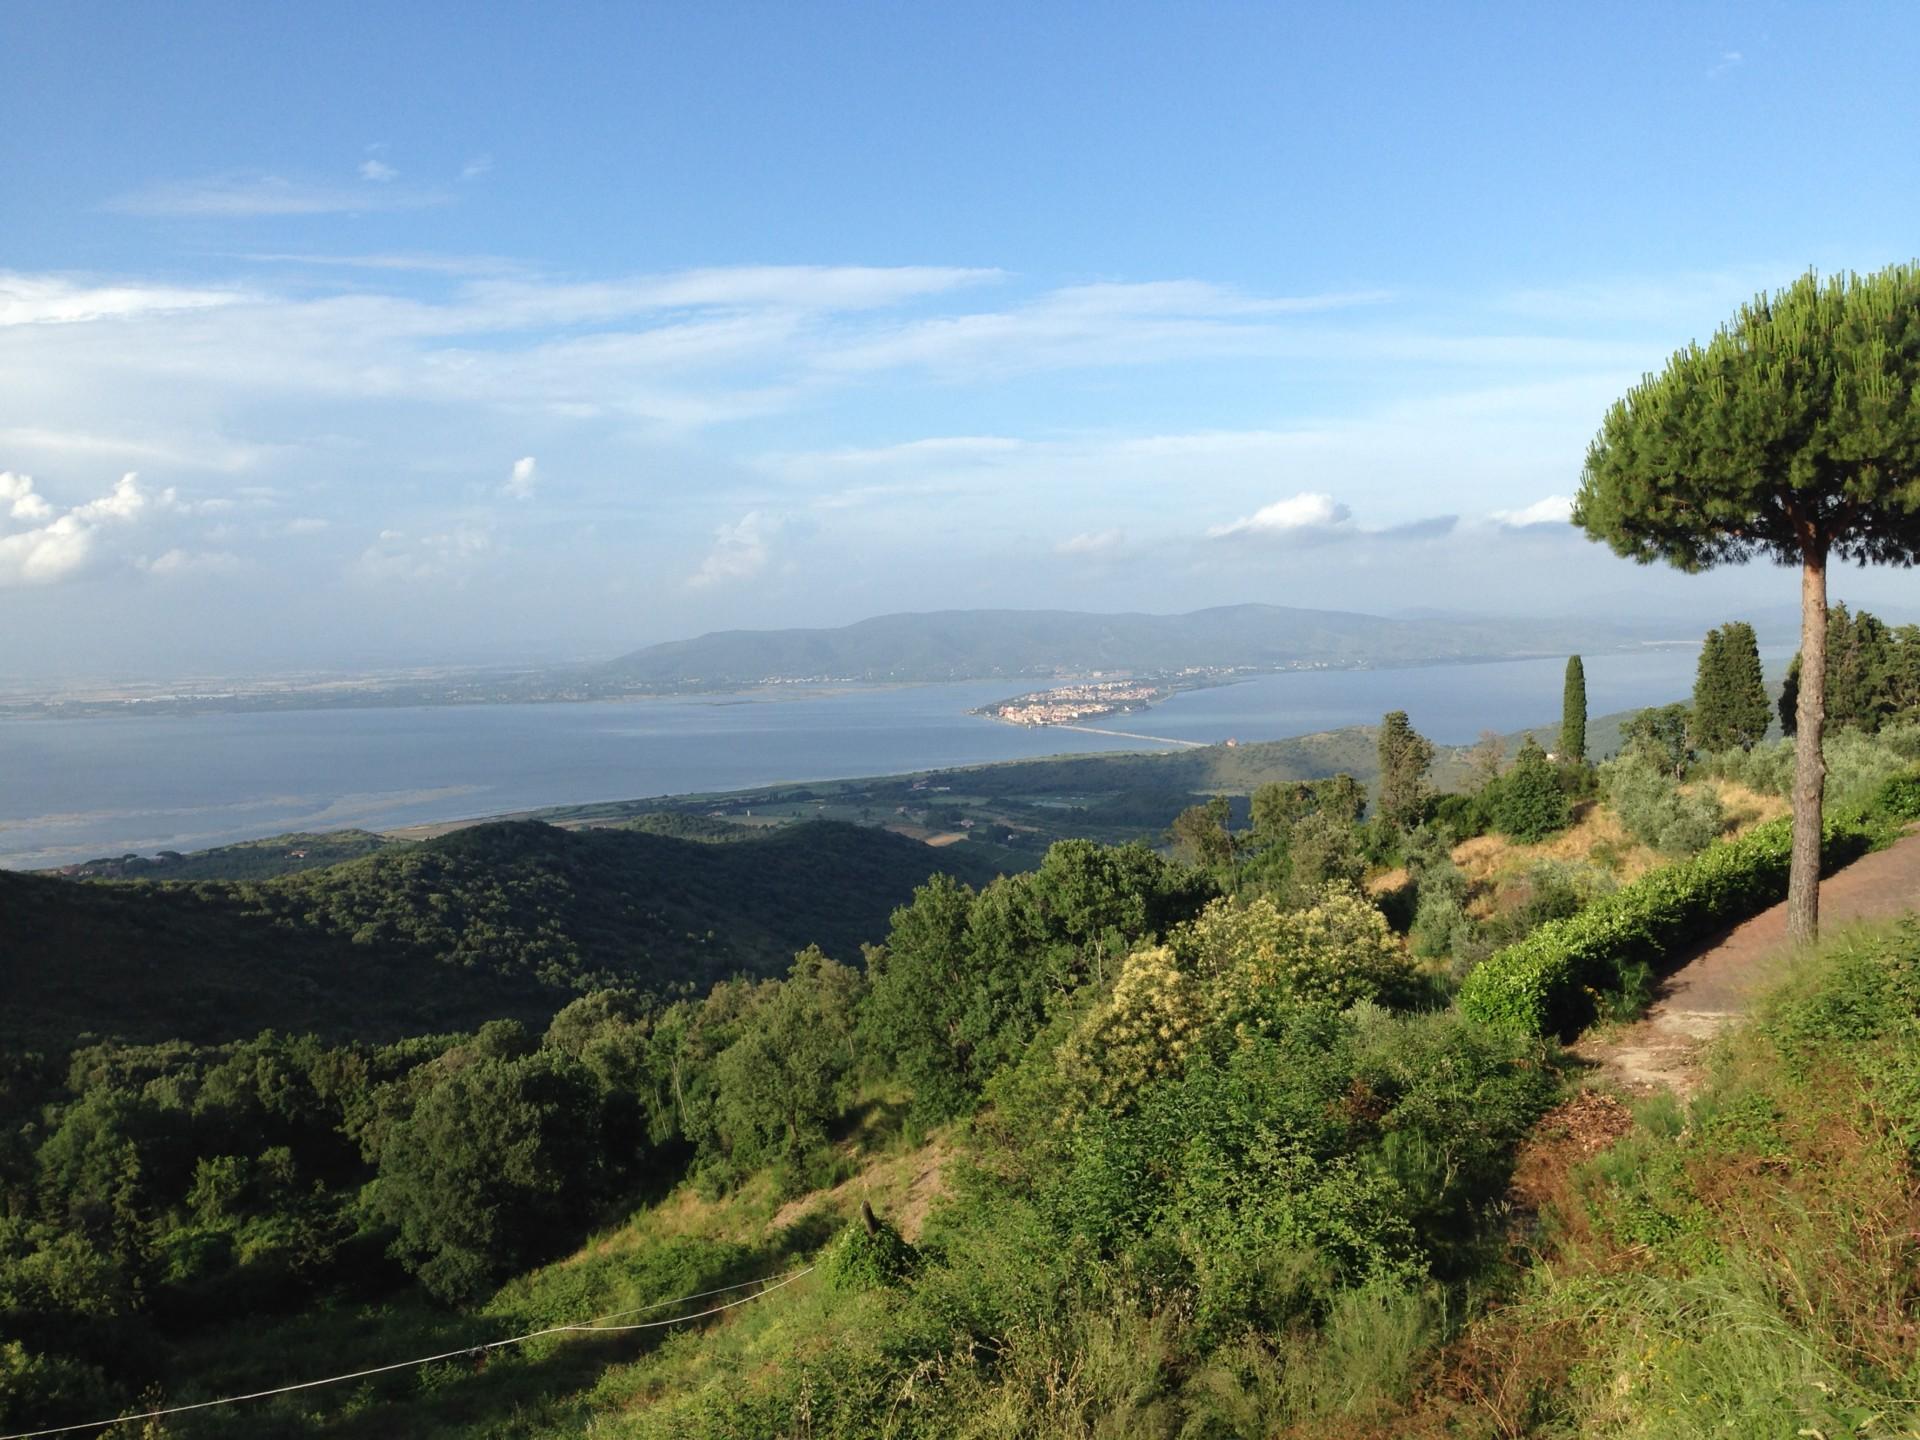 Orbetello vom Argentario aus gesehen, fast eine Insel in der Lagune